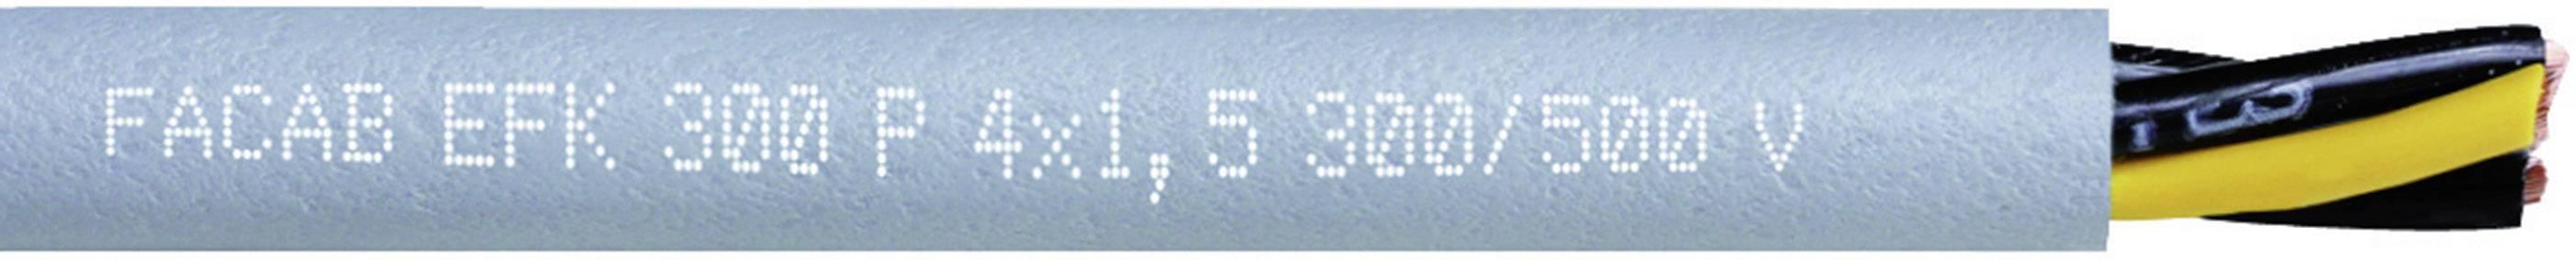 Tažný kabel Faber Kabel EFK 300 P AD300 - SCHLEPPLTG. TPE/PUR (032543), 2x 2,5 mm², polyurethan, Ø 7,8 mm, nes